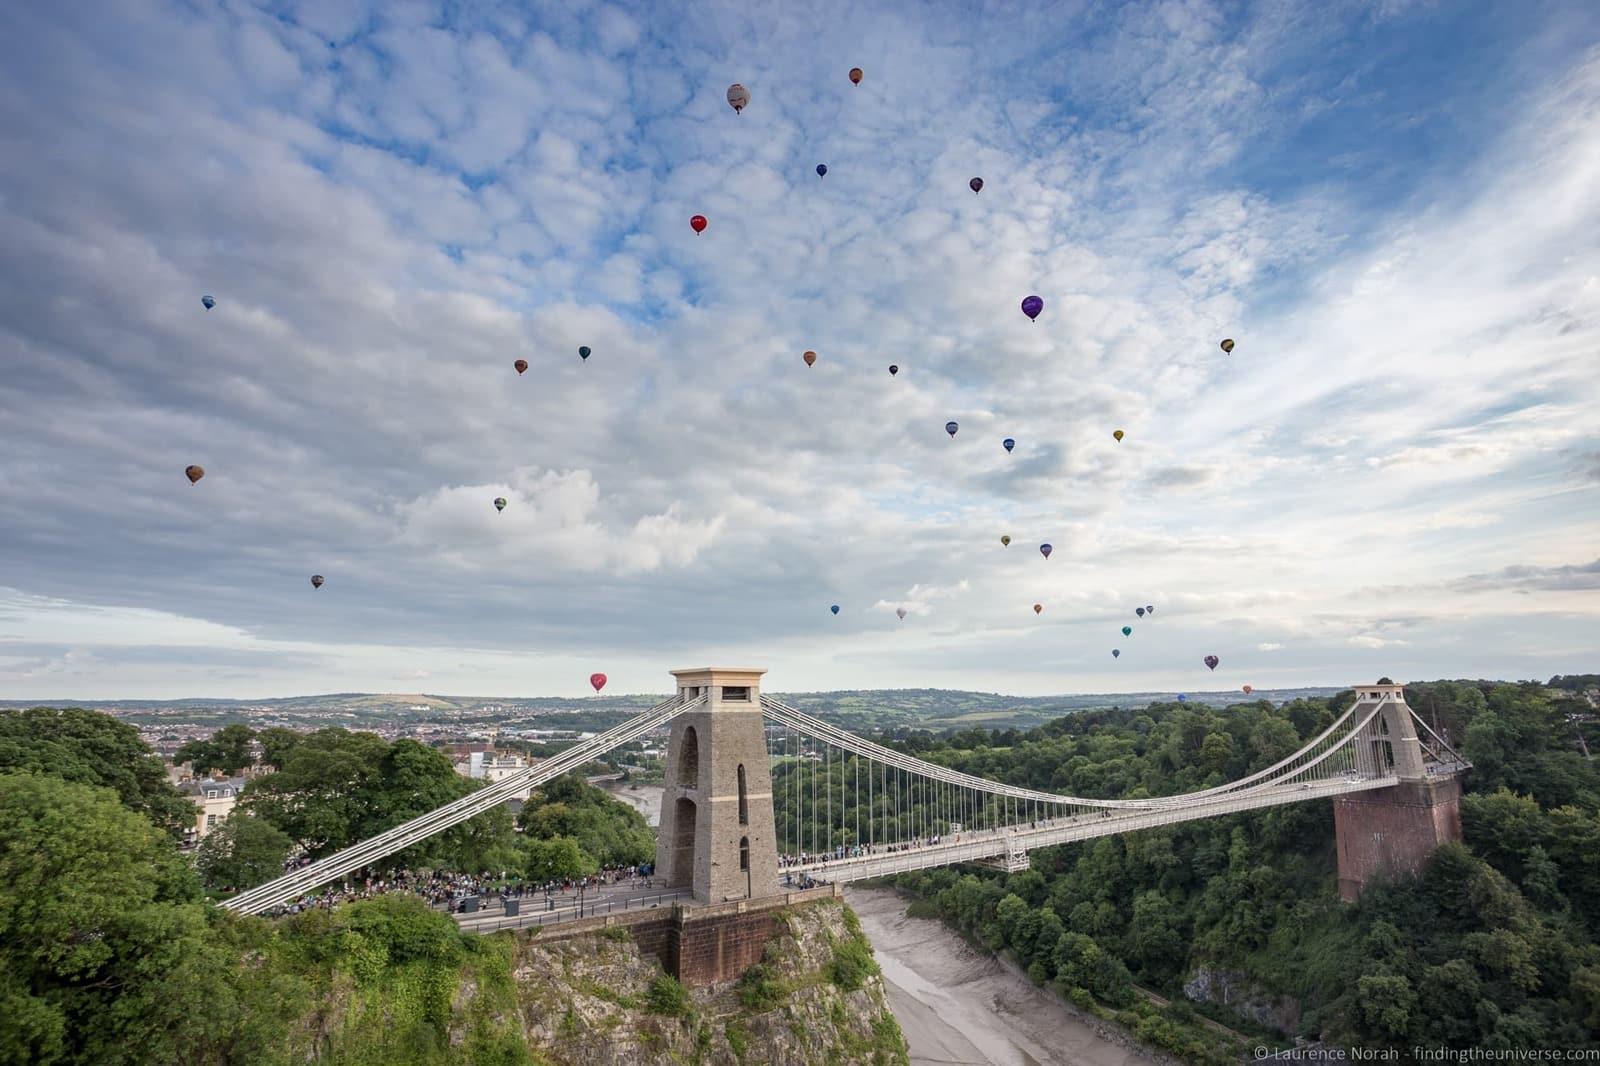 [Clifton+Suspension+Bridge_by_Laurence+Norah-5%5B3%5D]